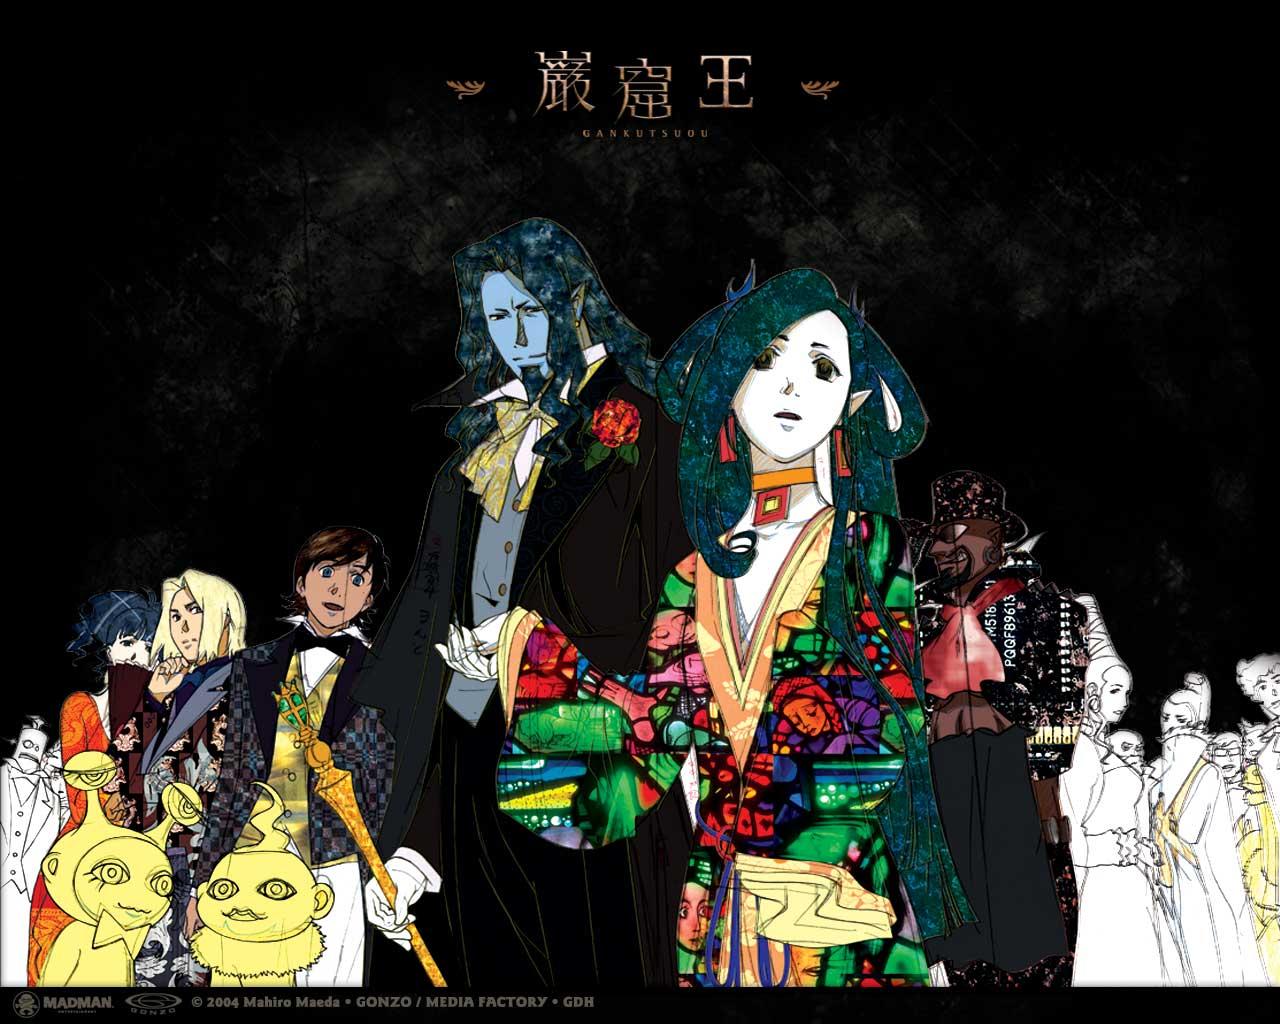 The Count of Monte Cristo: Gankutsuou movie